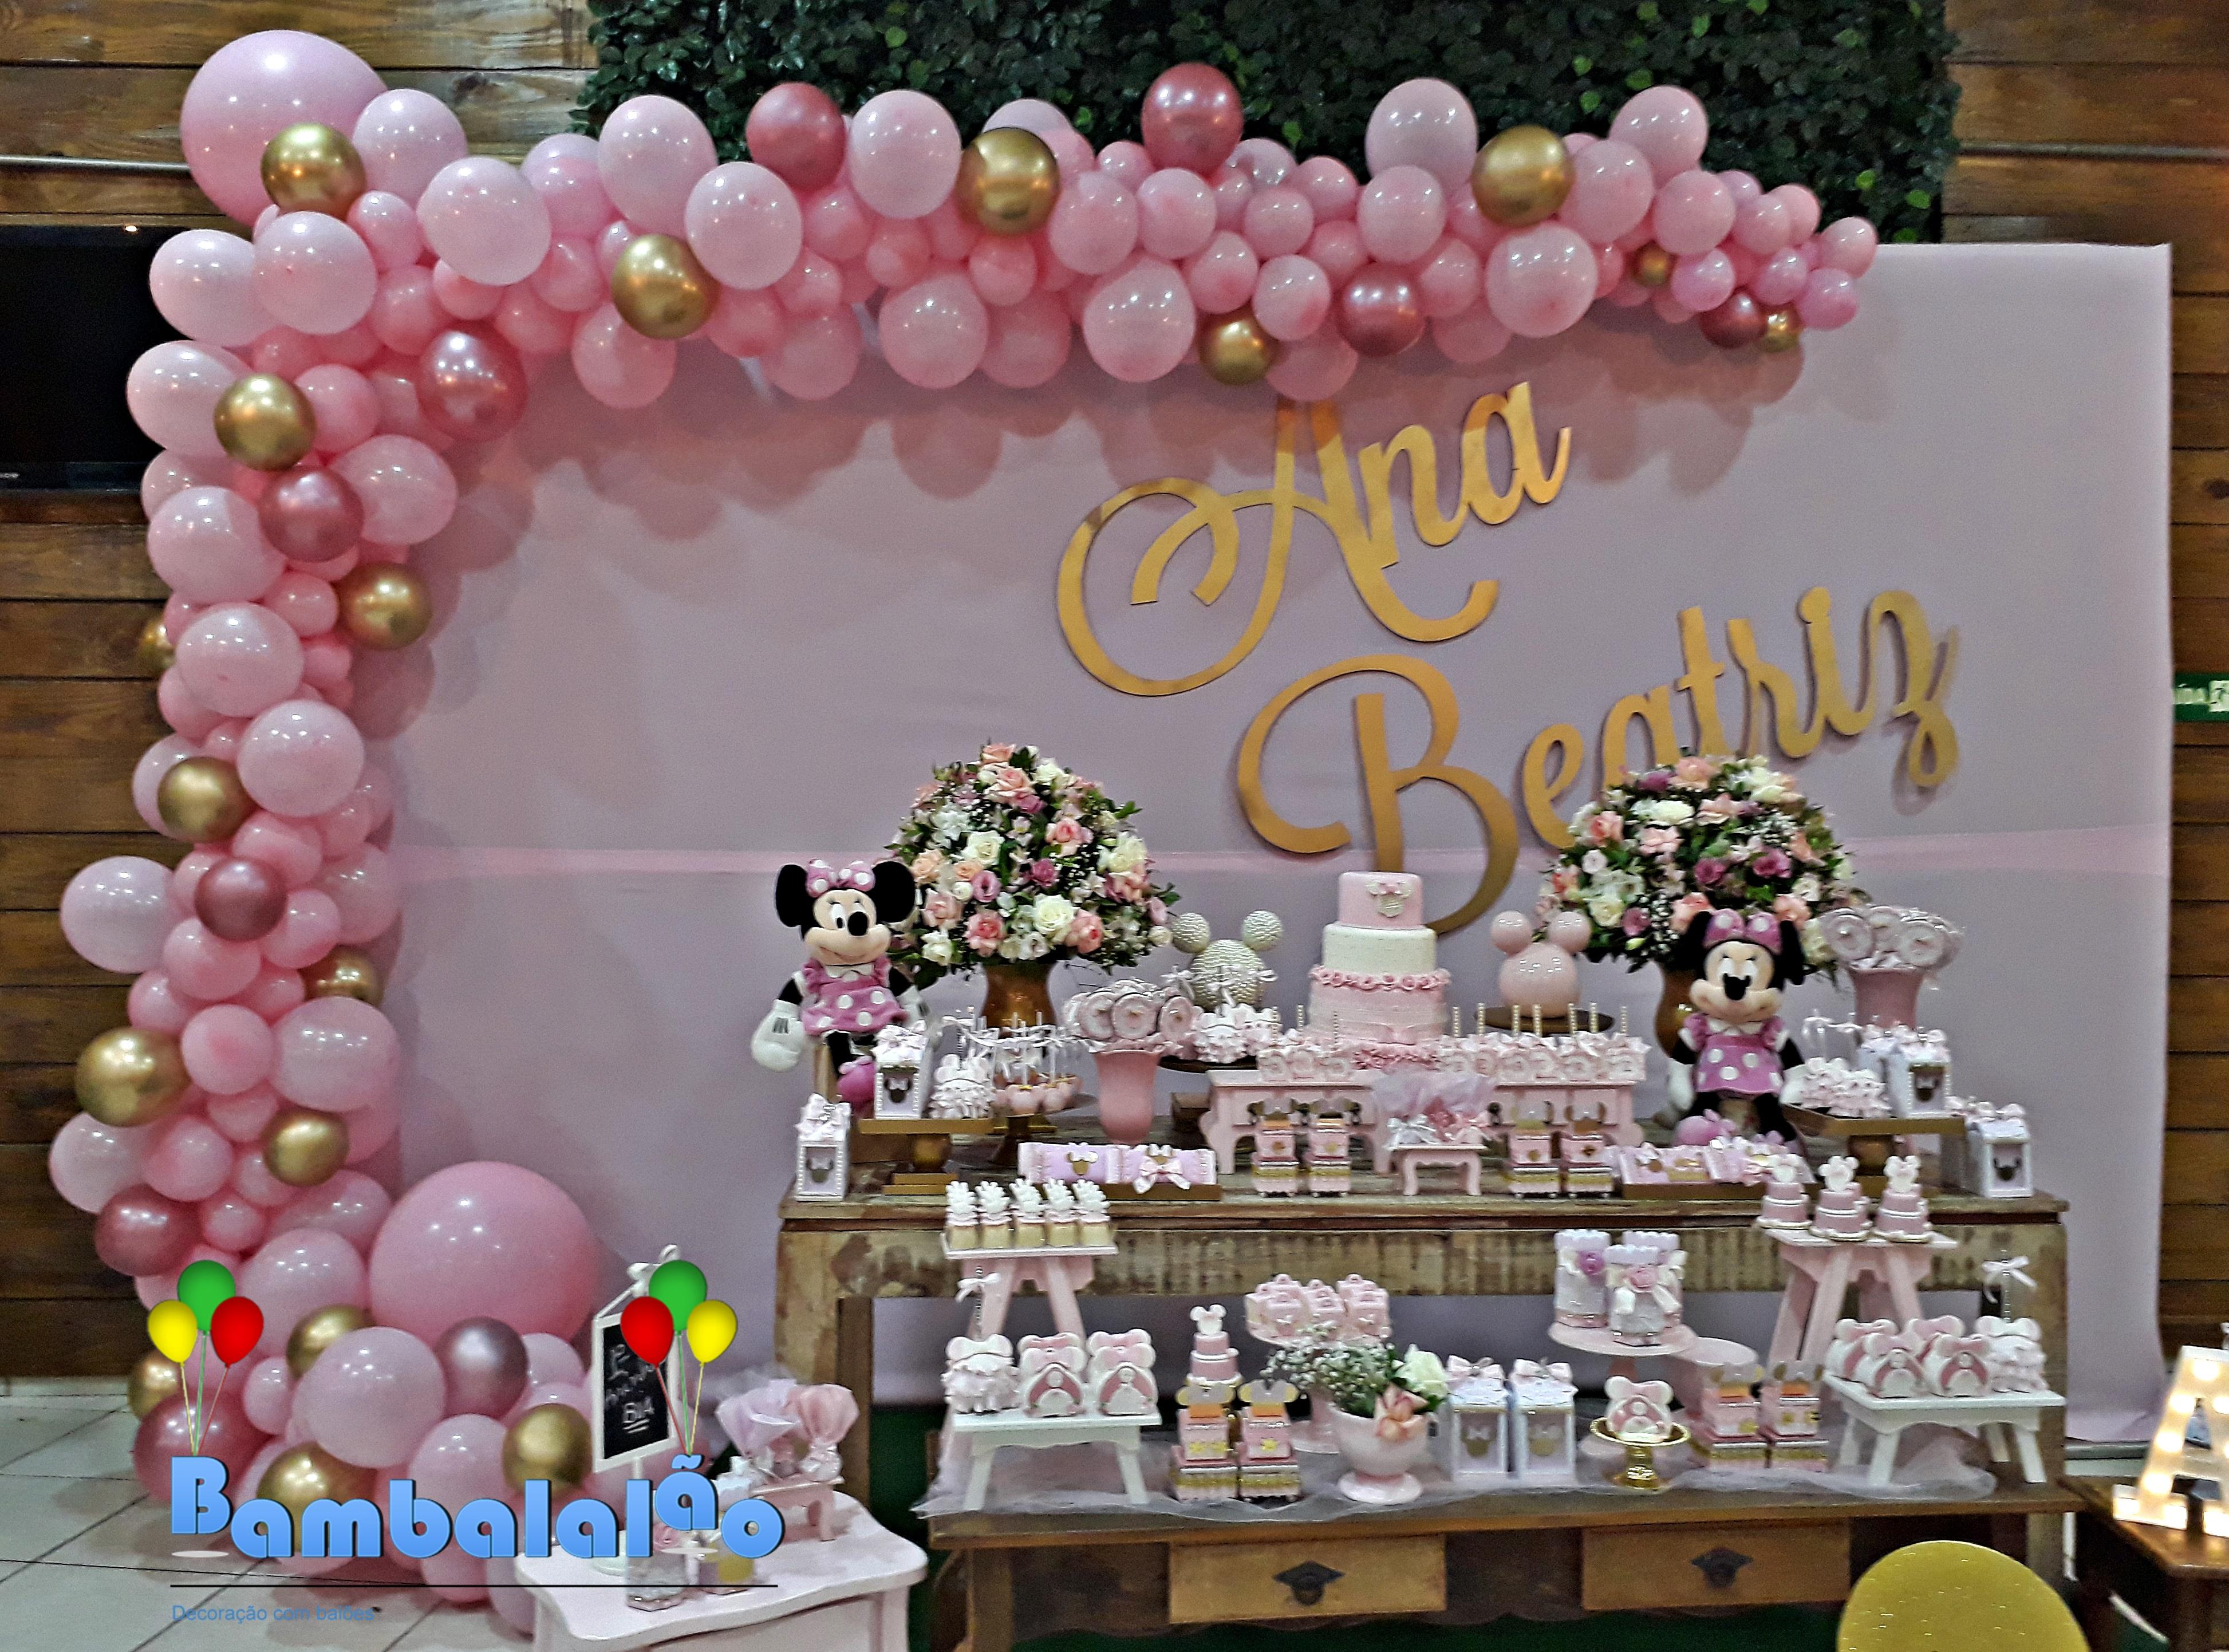 Bambalal u00e3o Decoraç u00e3o com balões Fotos de balões festa infantil # Decoração De Festa Com Balões No Teto